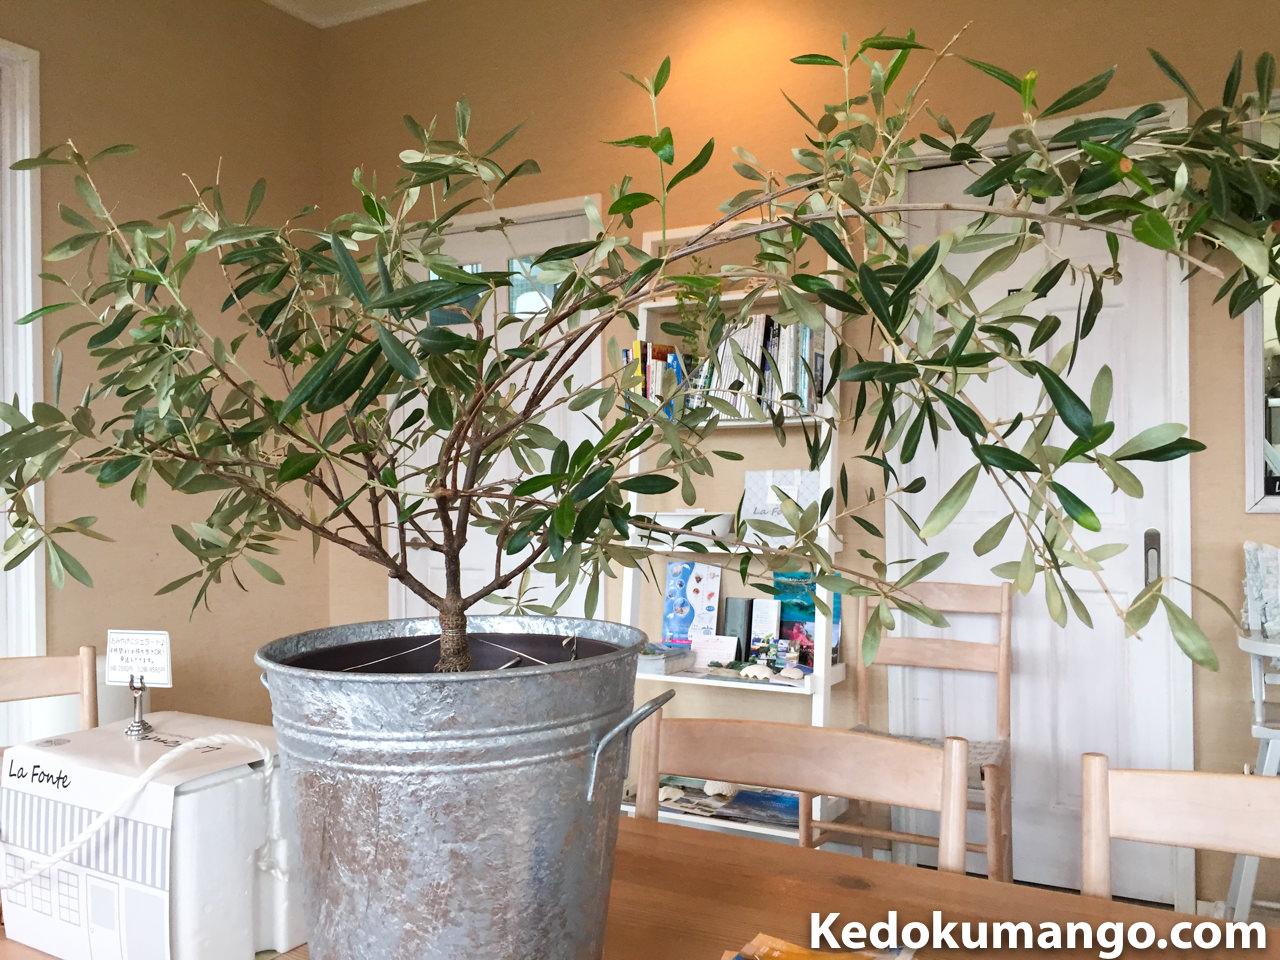 「Lafonte(ラフォンテ)」店内の植物